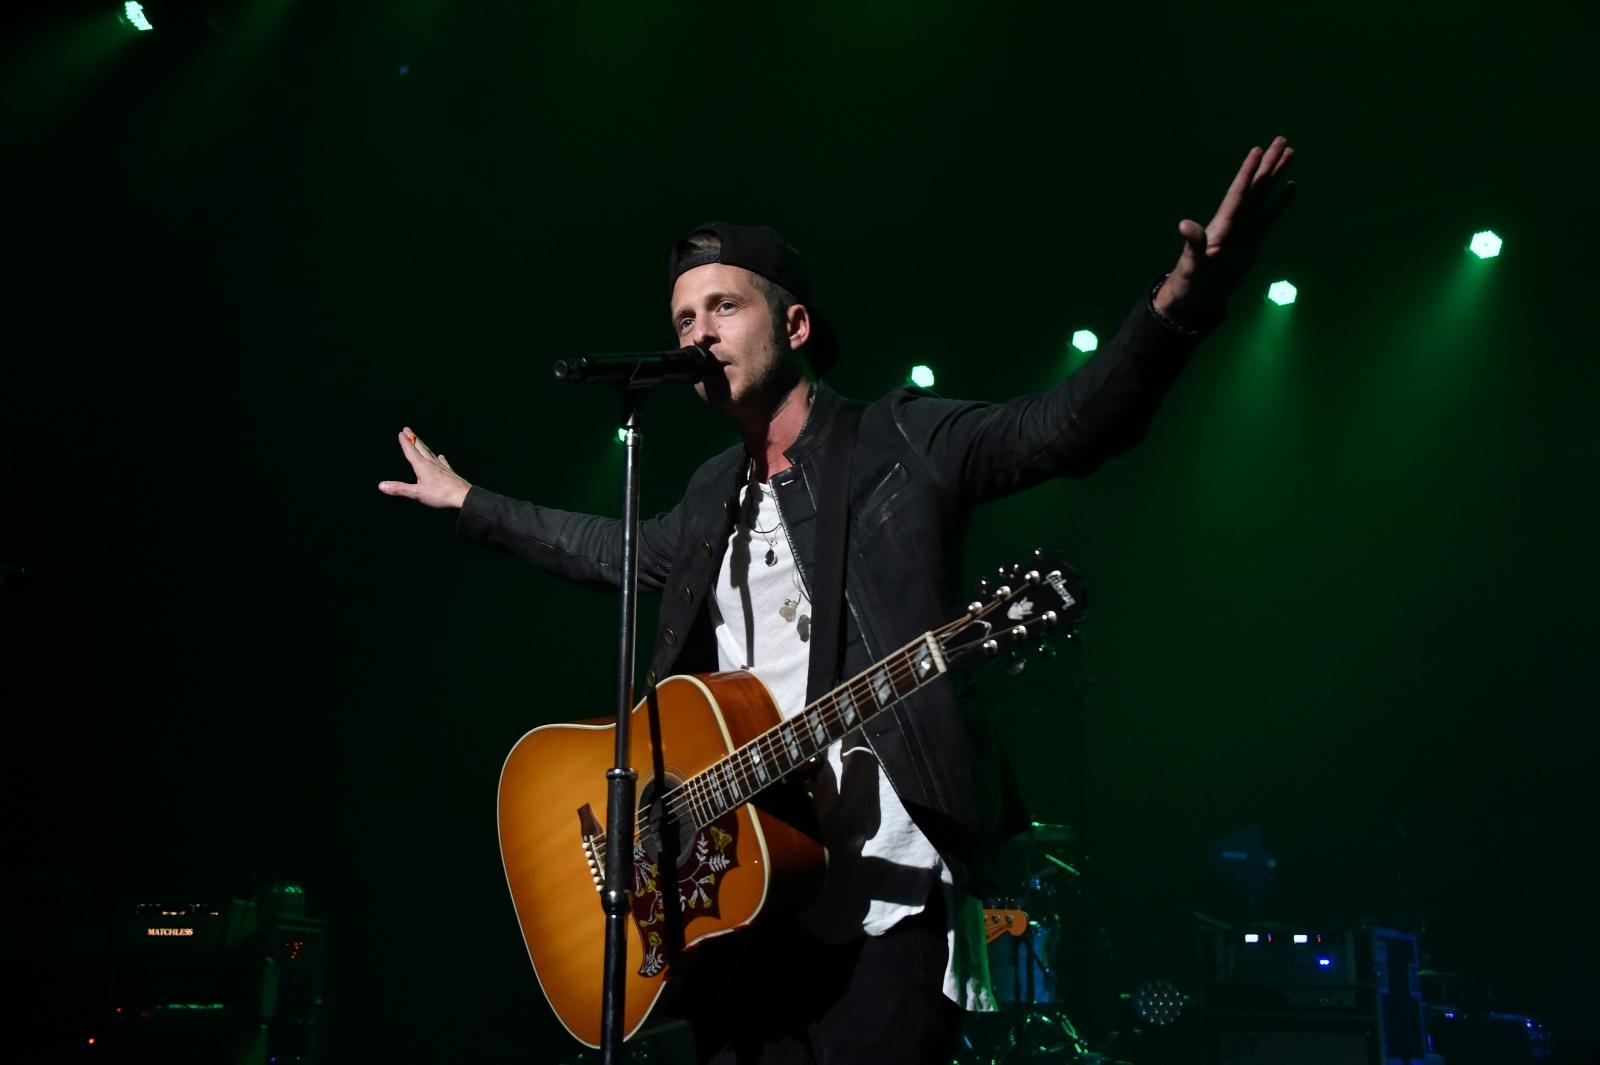 OneRepublic's Ryan Tedder